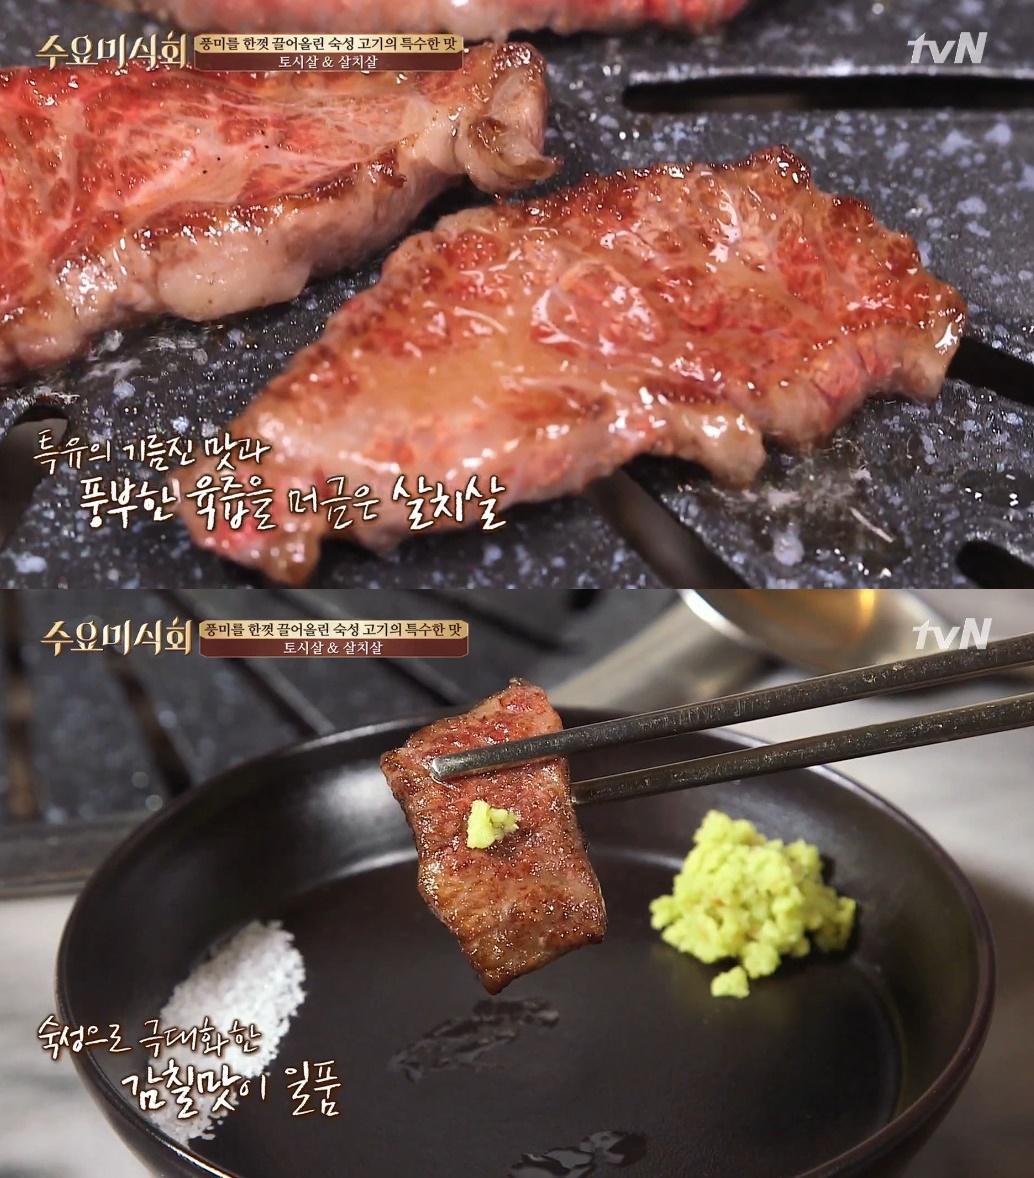 '수요미식회' 소고기 특수부위, 입 안에서 살살 녹는 '살치살' 맛집은 어디?